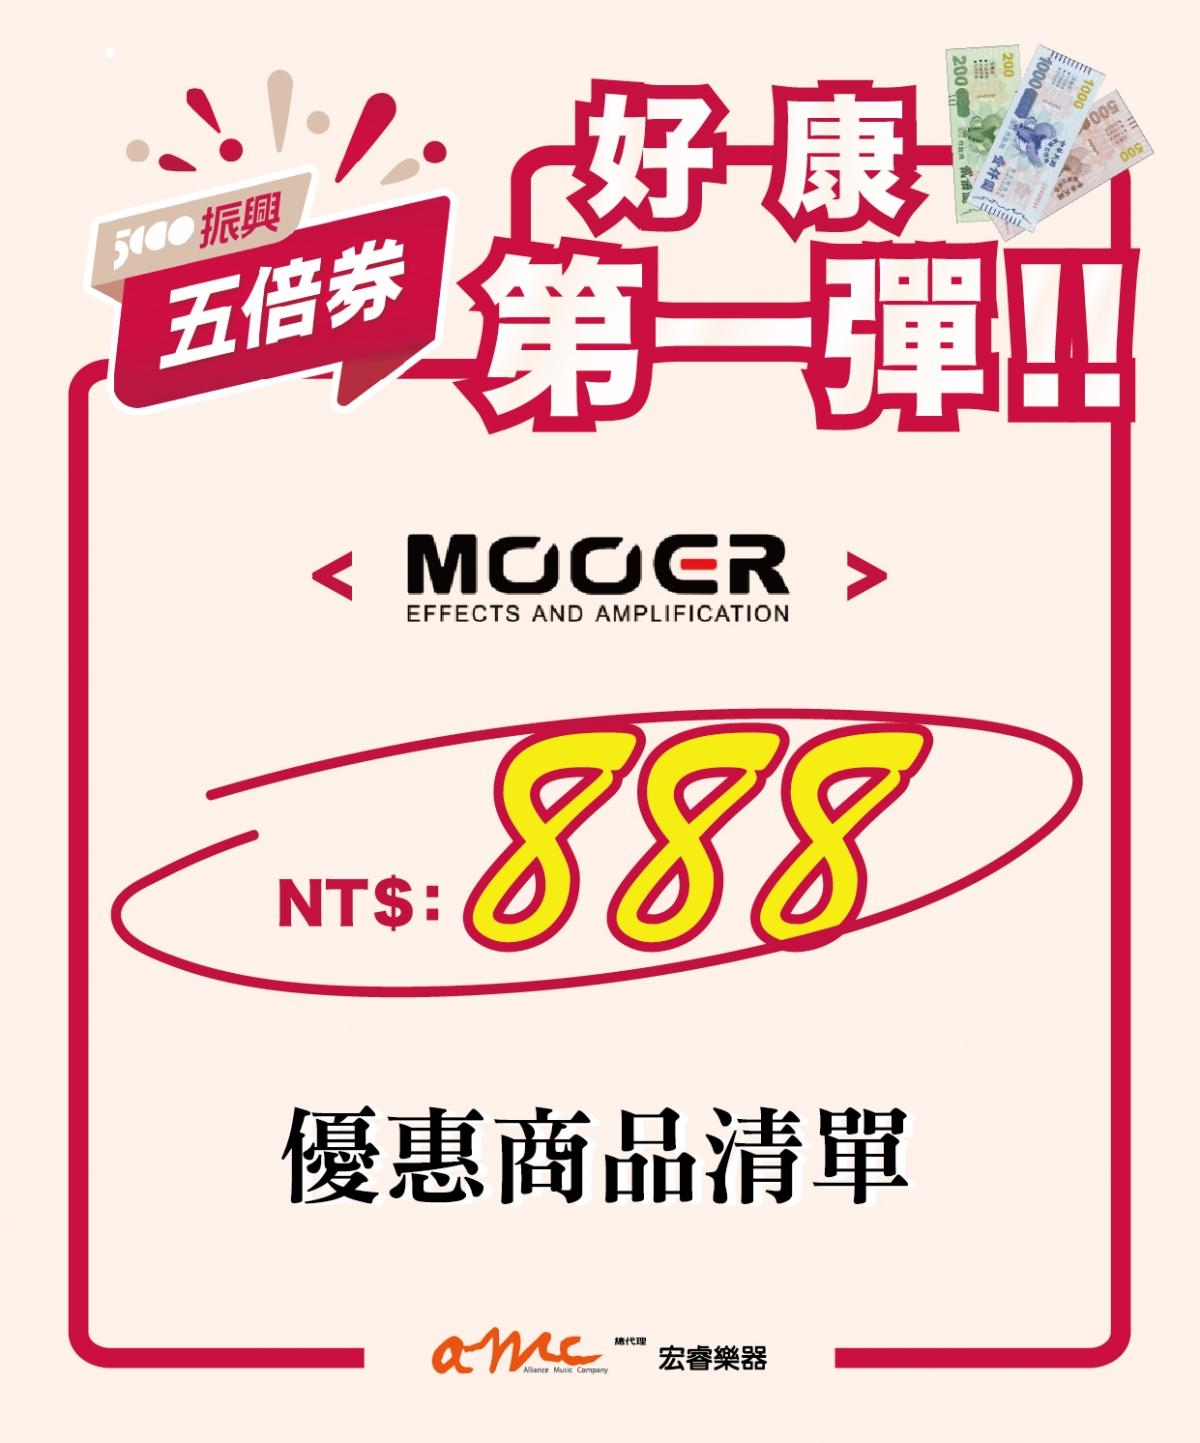 振興五倍券-Mooer優惠商品清單